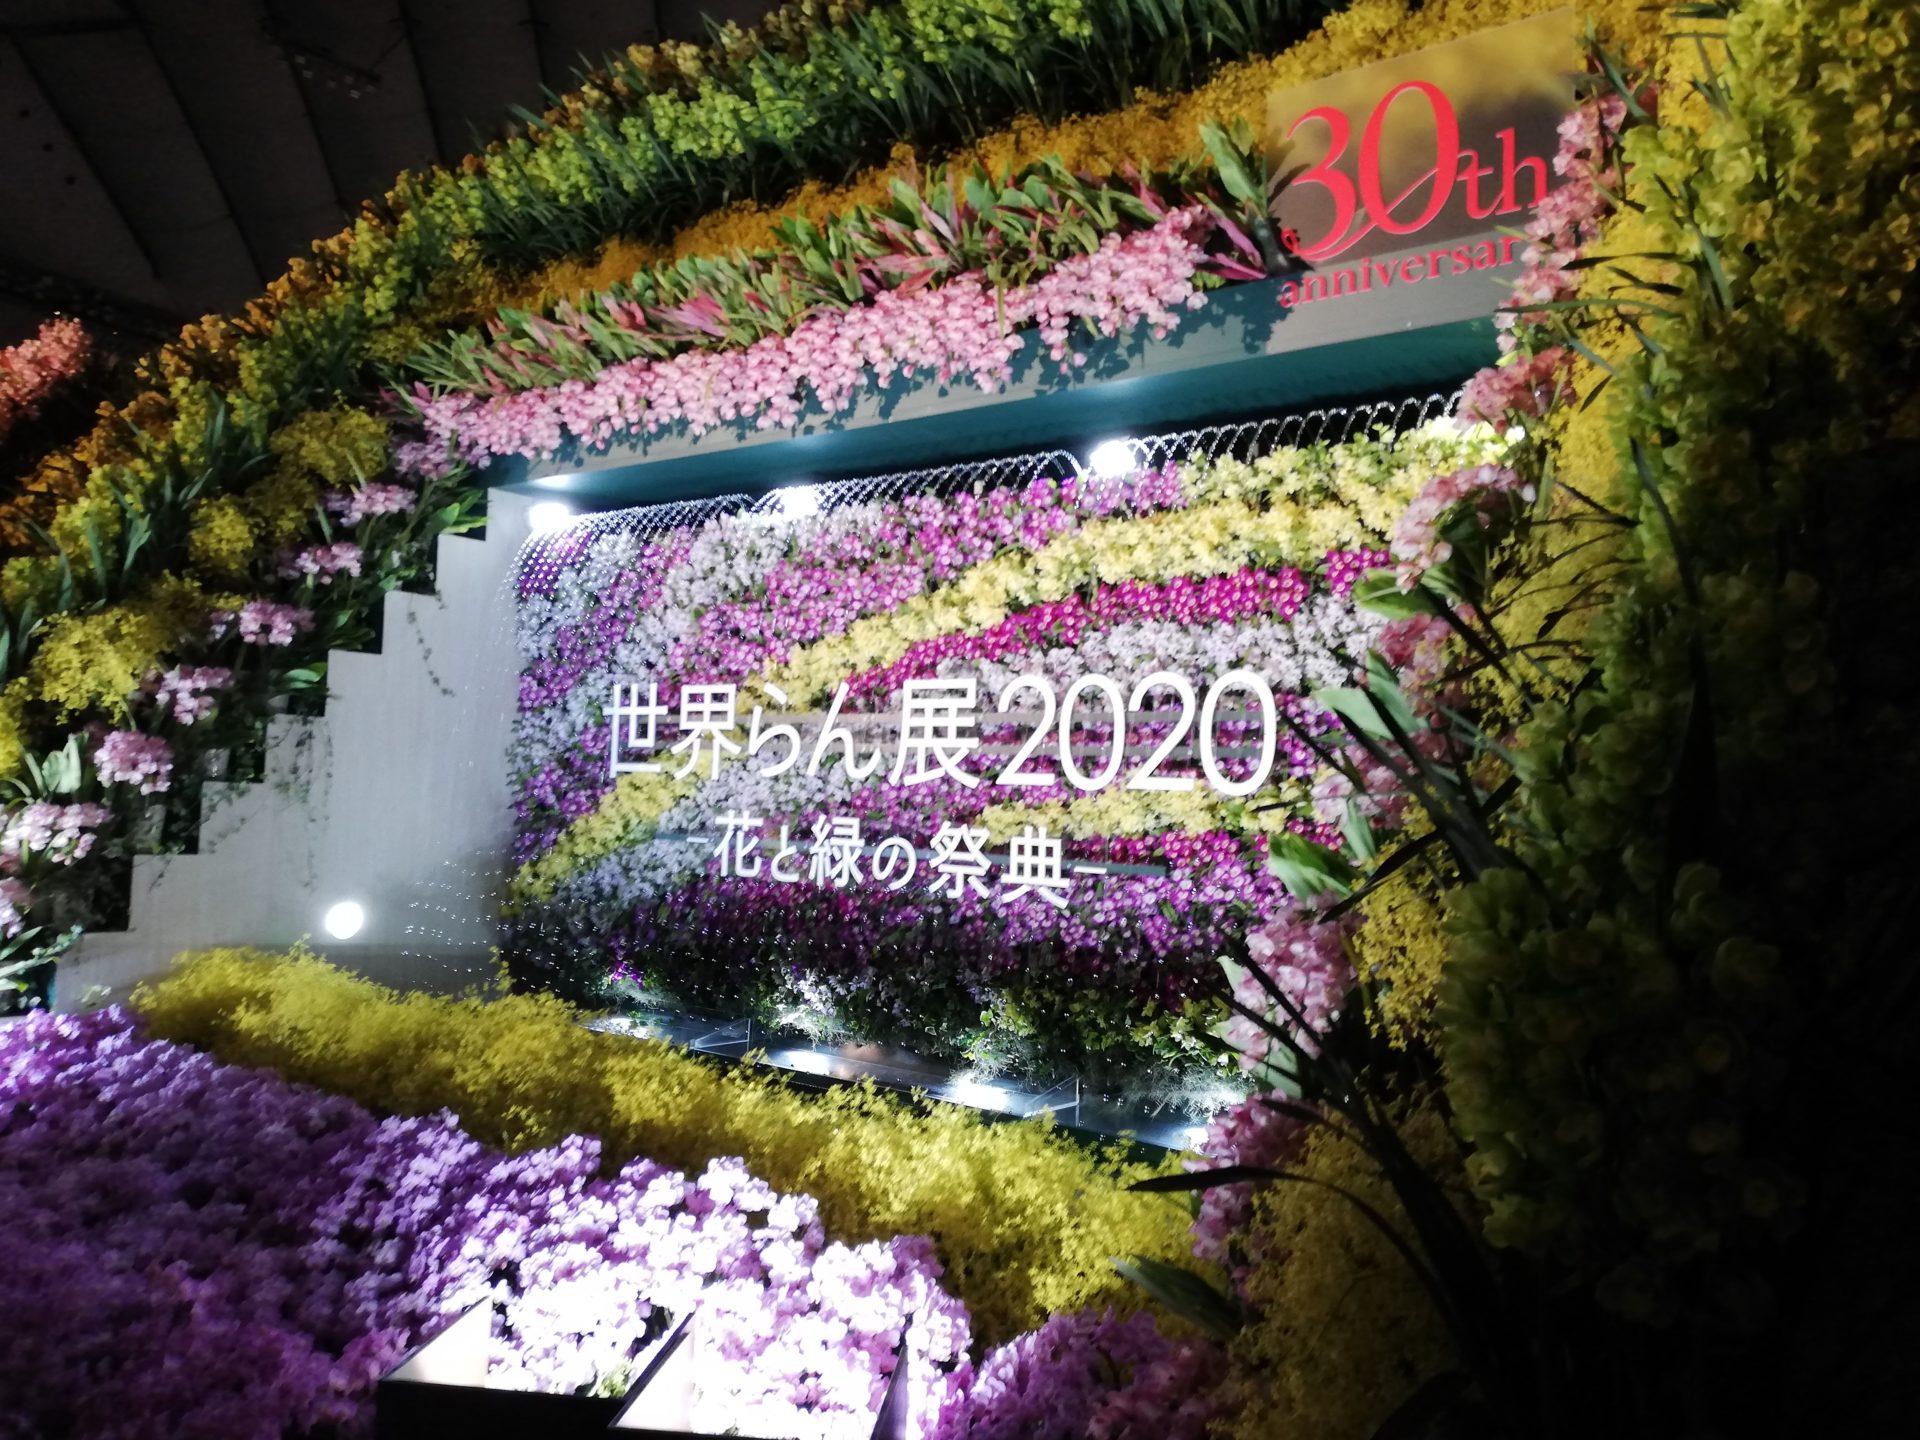 「世界らん展2020」へ行ってきました。初日ははじめての「スペシャルナイト」。次いで翌日にも参戦…。